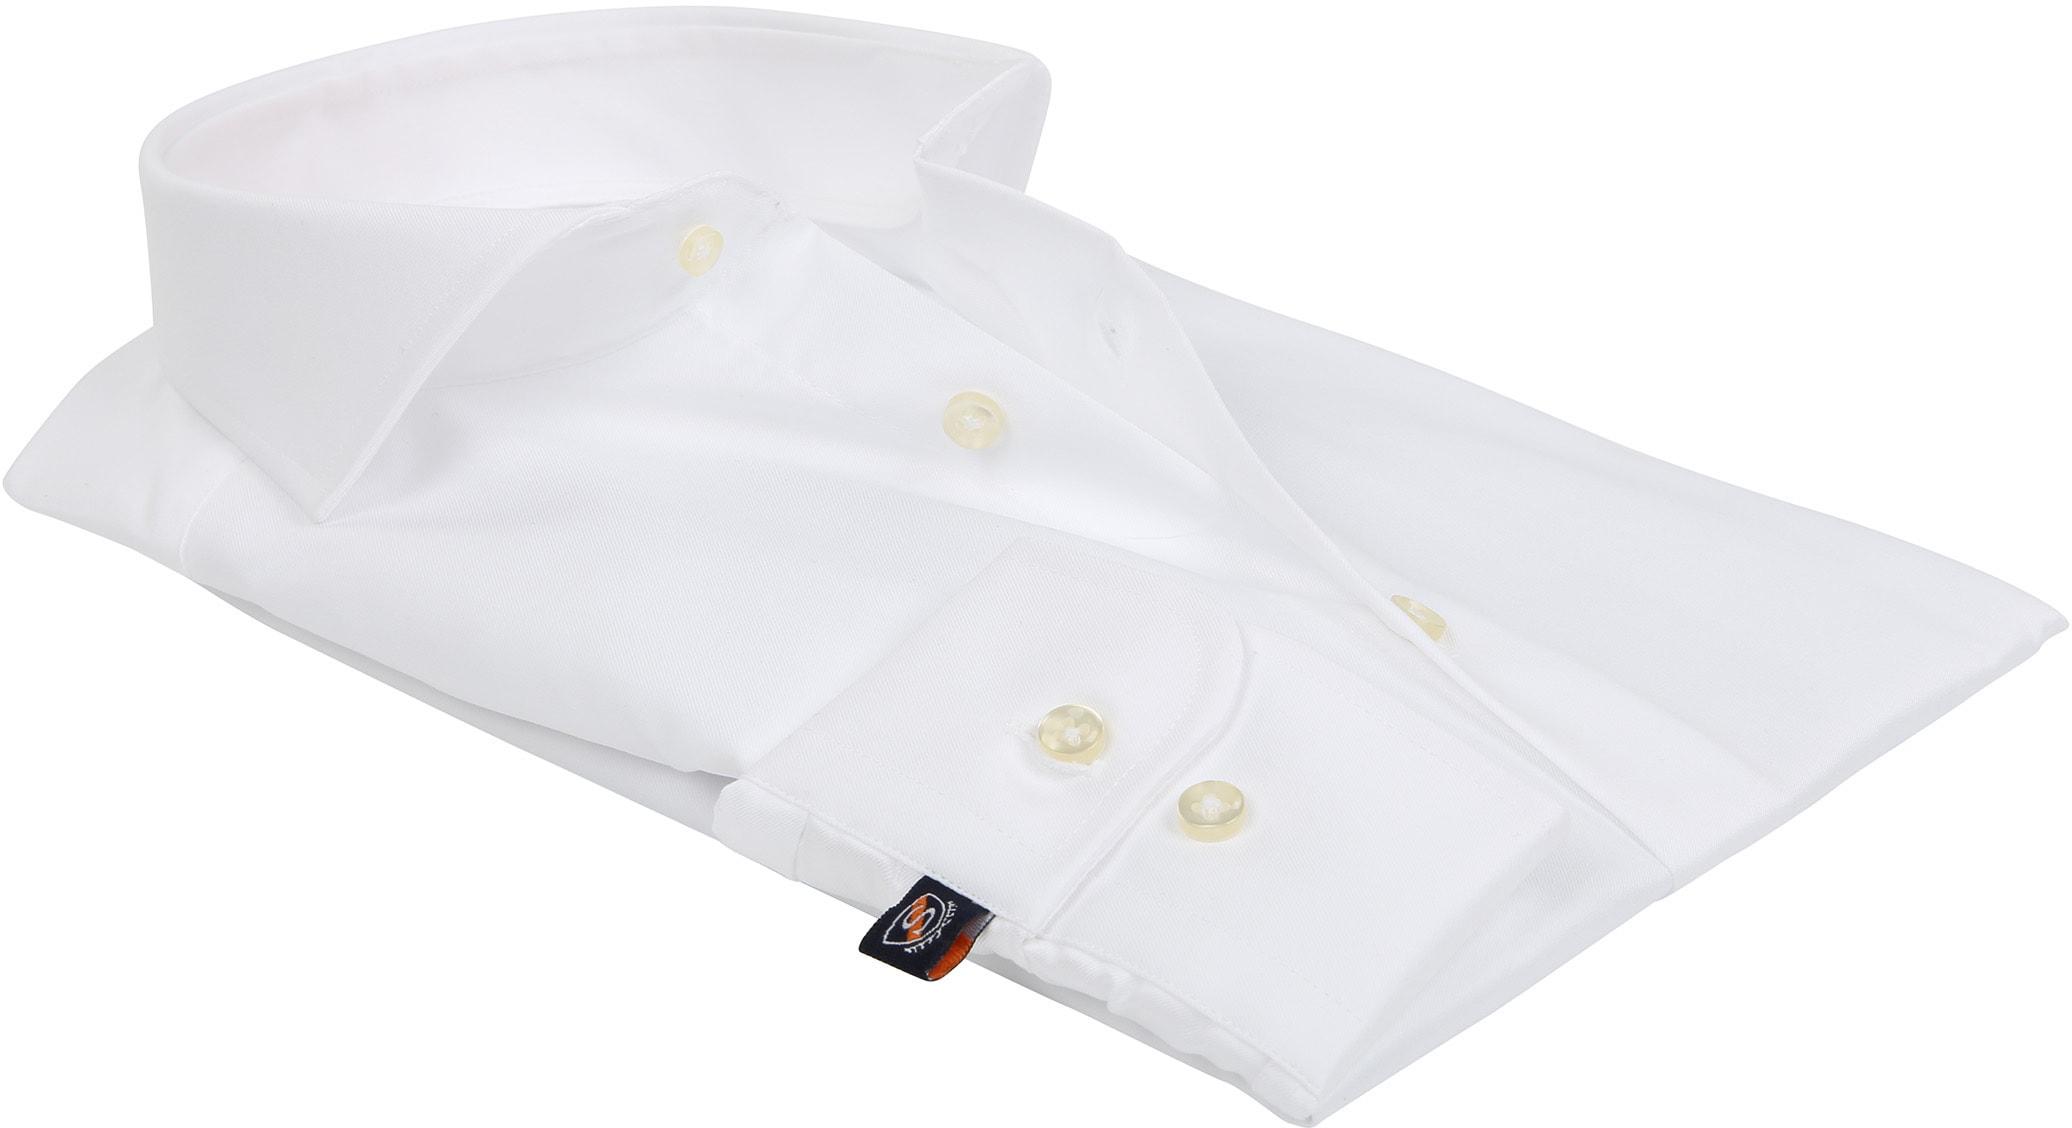 Suitable Hemd SL7 Weiß 180-1 foto 3